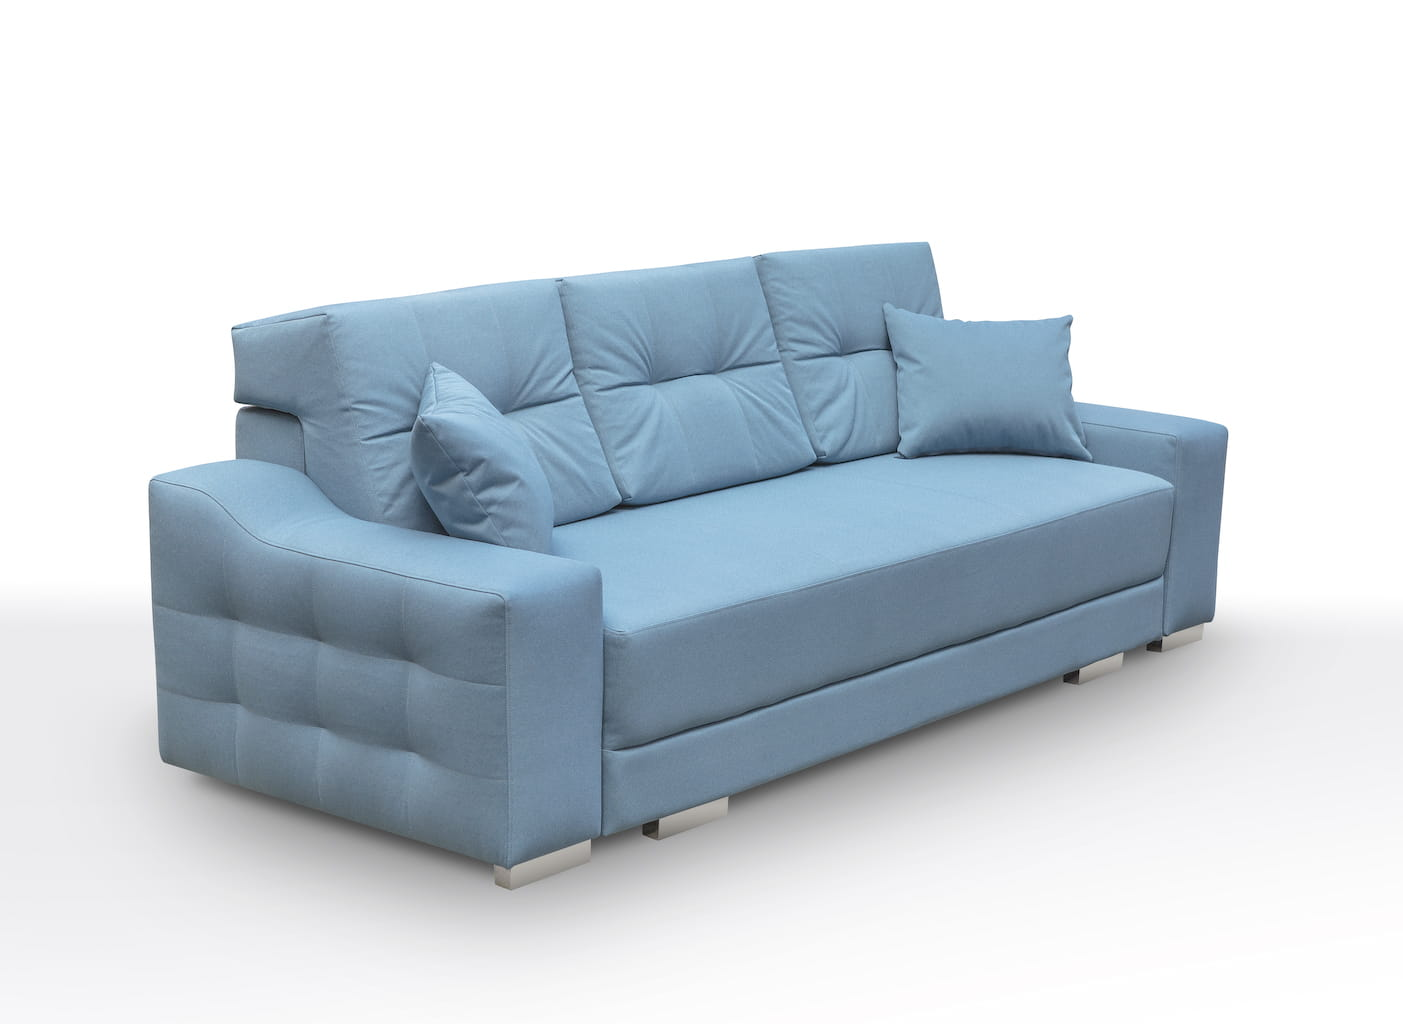 Deine Möbel 24 : sofa lina deine moebel 24 einfach einrichten ~ Indierocktalk.com Haus und Dekorationen